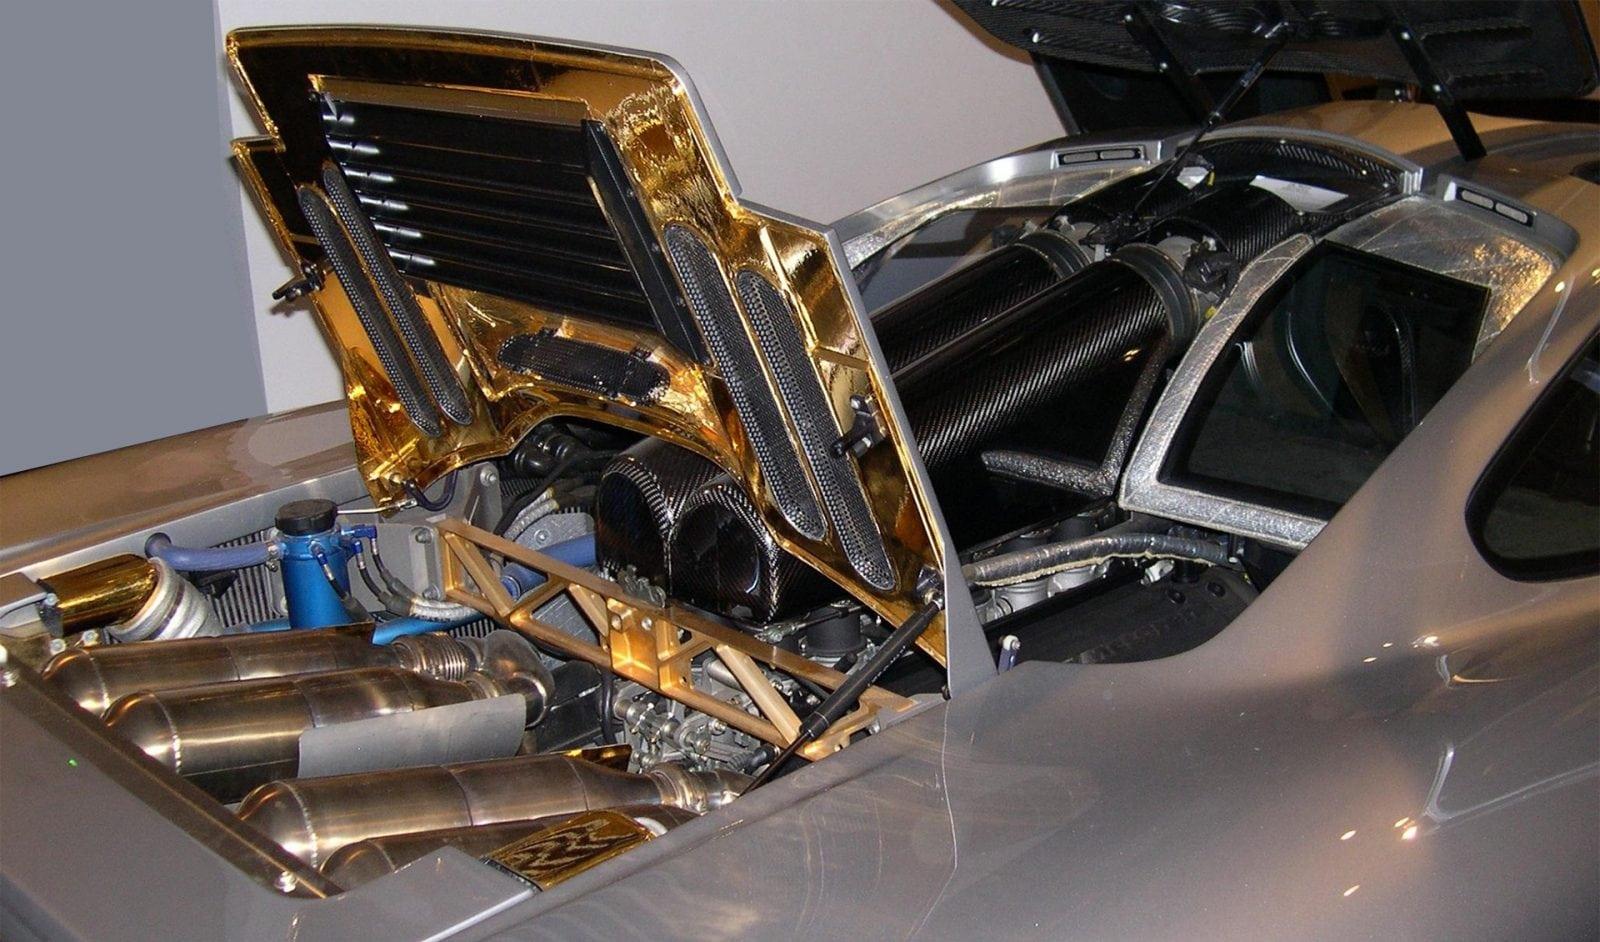 BMW V12 S70/2 для McLaren F1